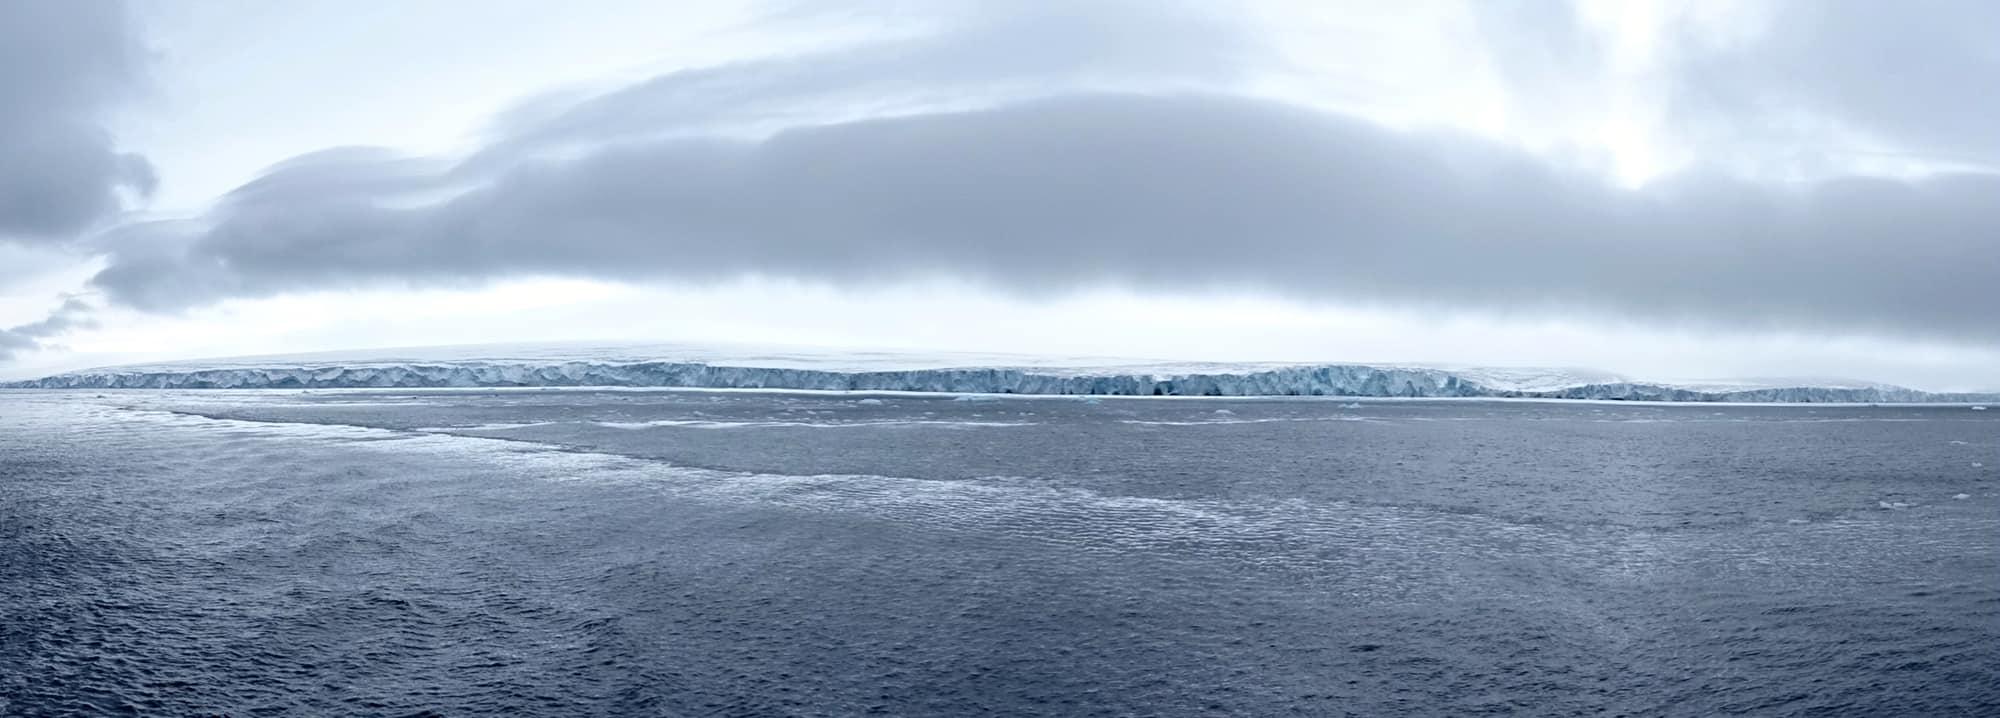 Het eiland Kvitoya bestaat uit ijs en nevel